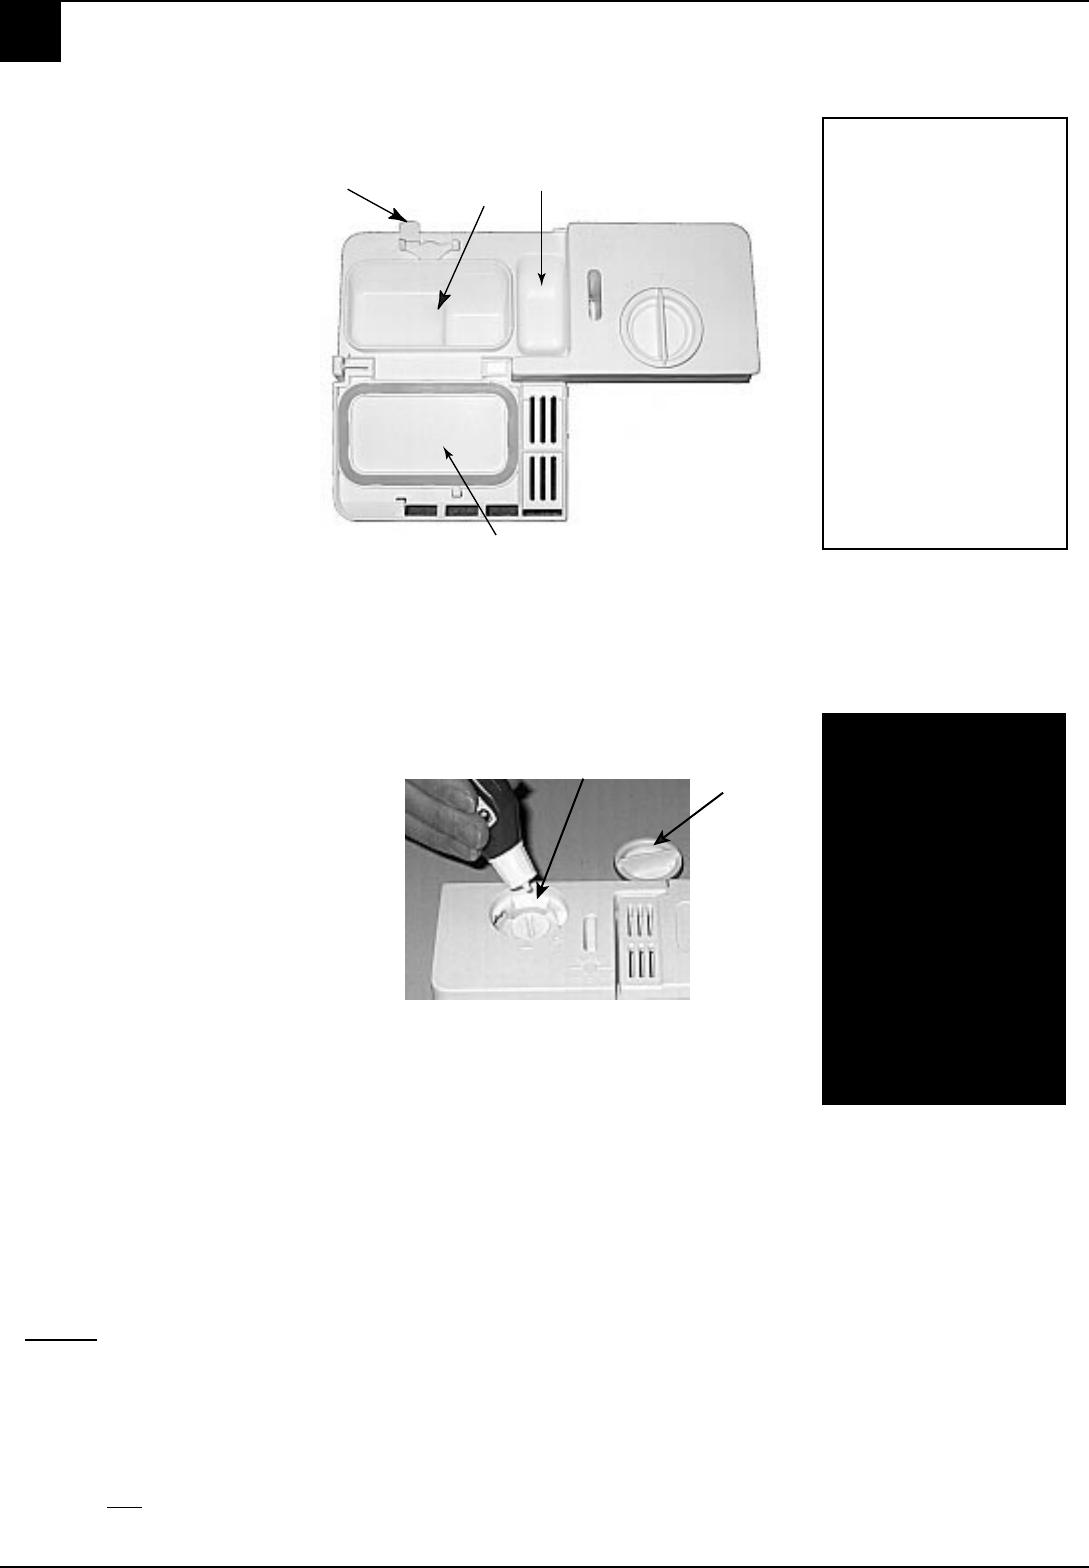 Bedienungsanleitung Hotpoint-Ariston li 67 duo (Seite 6 von 80 ...